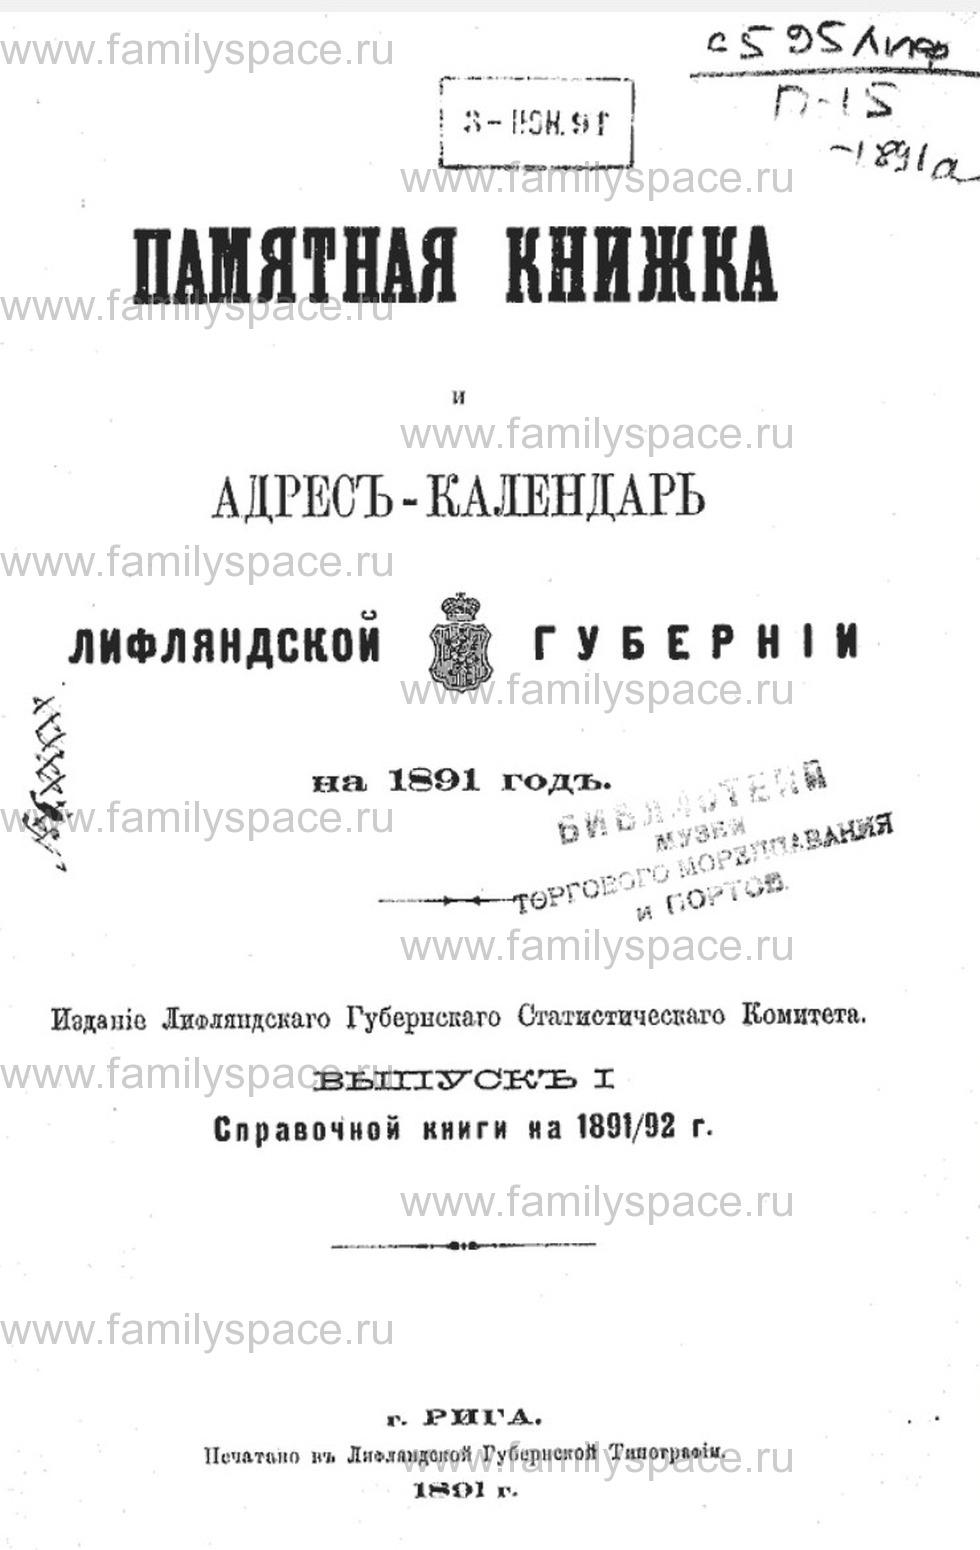 Поиск по фамилии - Памятная книжка и адрес-календарь Лифляндской губернии на 1891-92 г, выпуск 1, страница 1